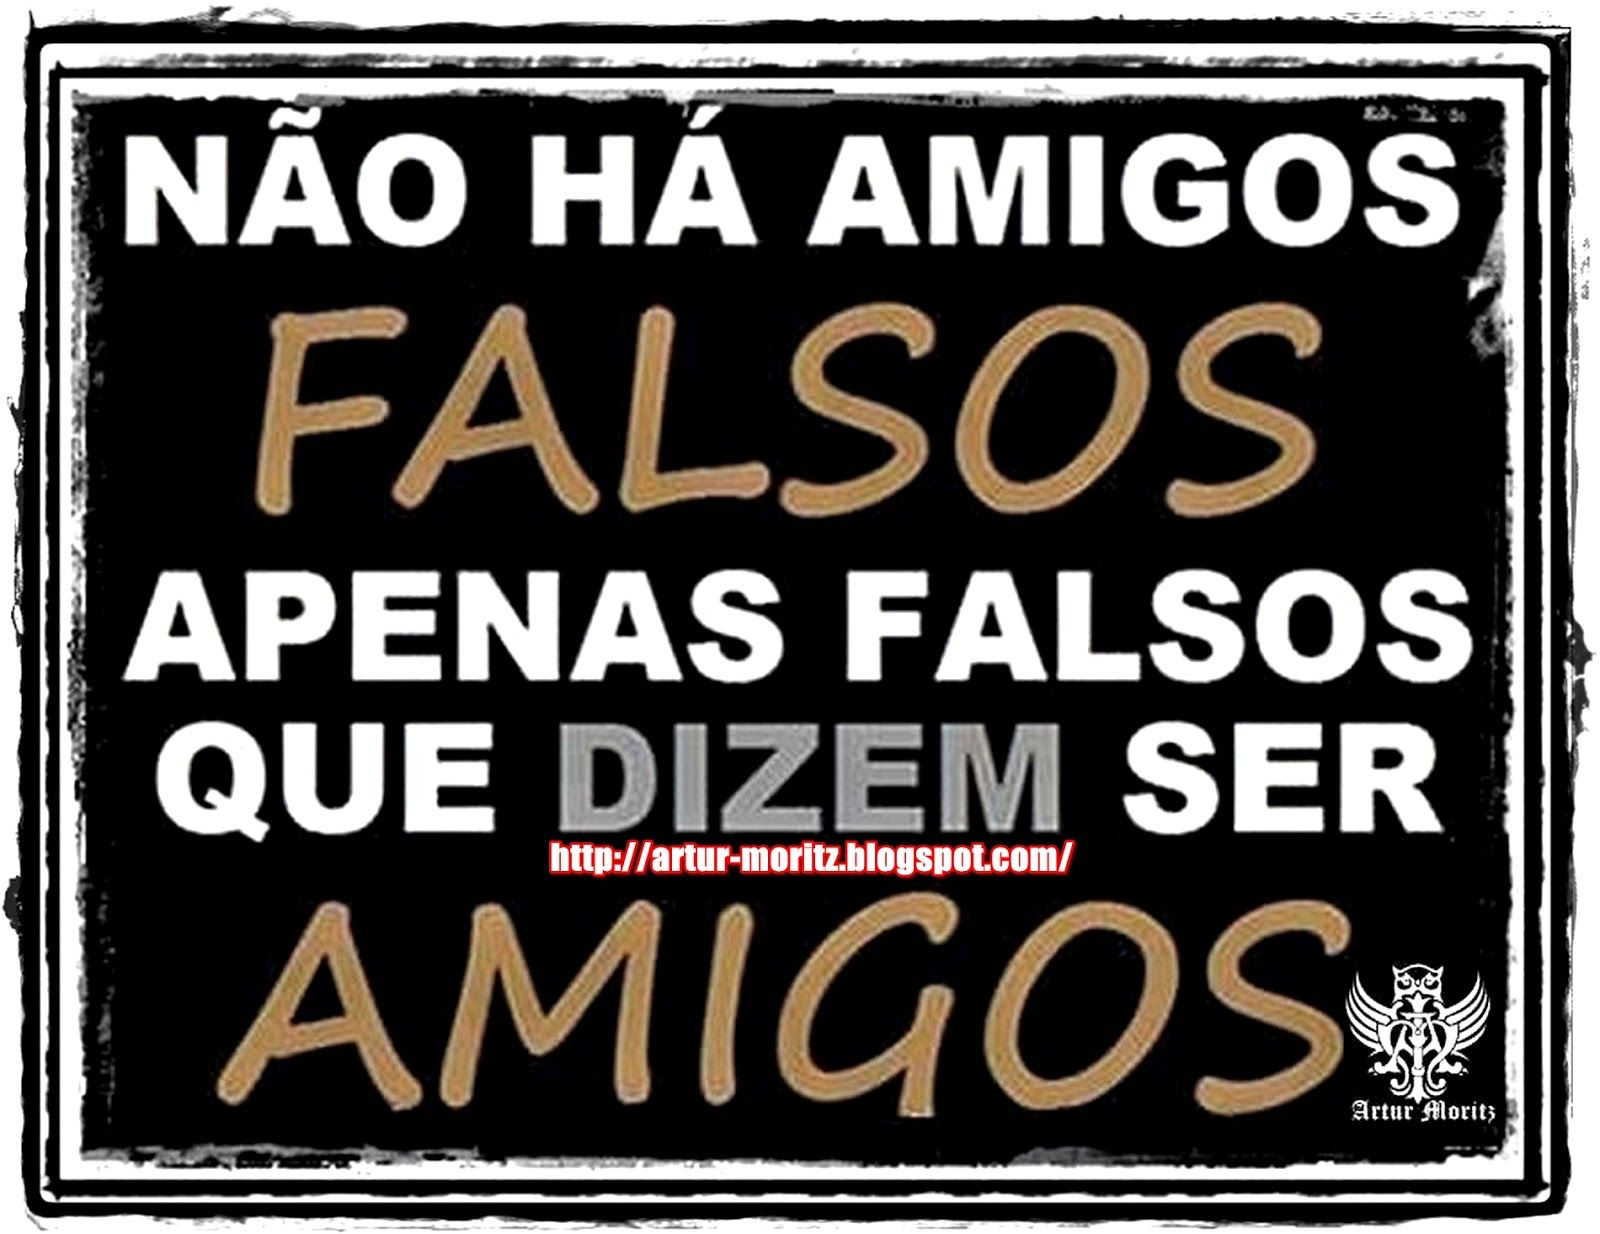 Frases De Falsidade: NAO+HA+AMIGOS+FALSOS+APENAS+FALSOS+QUE+DIZEM+SER+AMIGOS